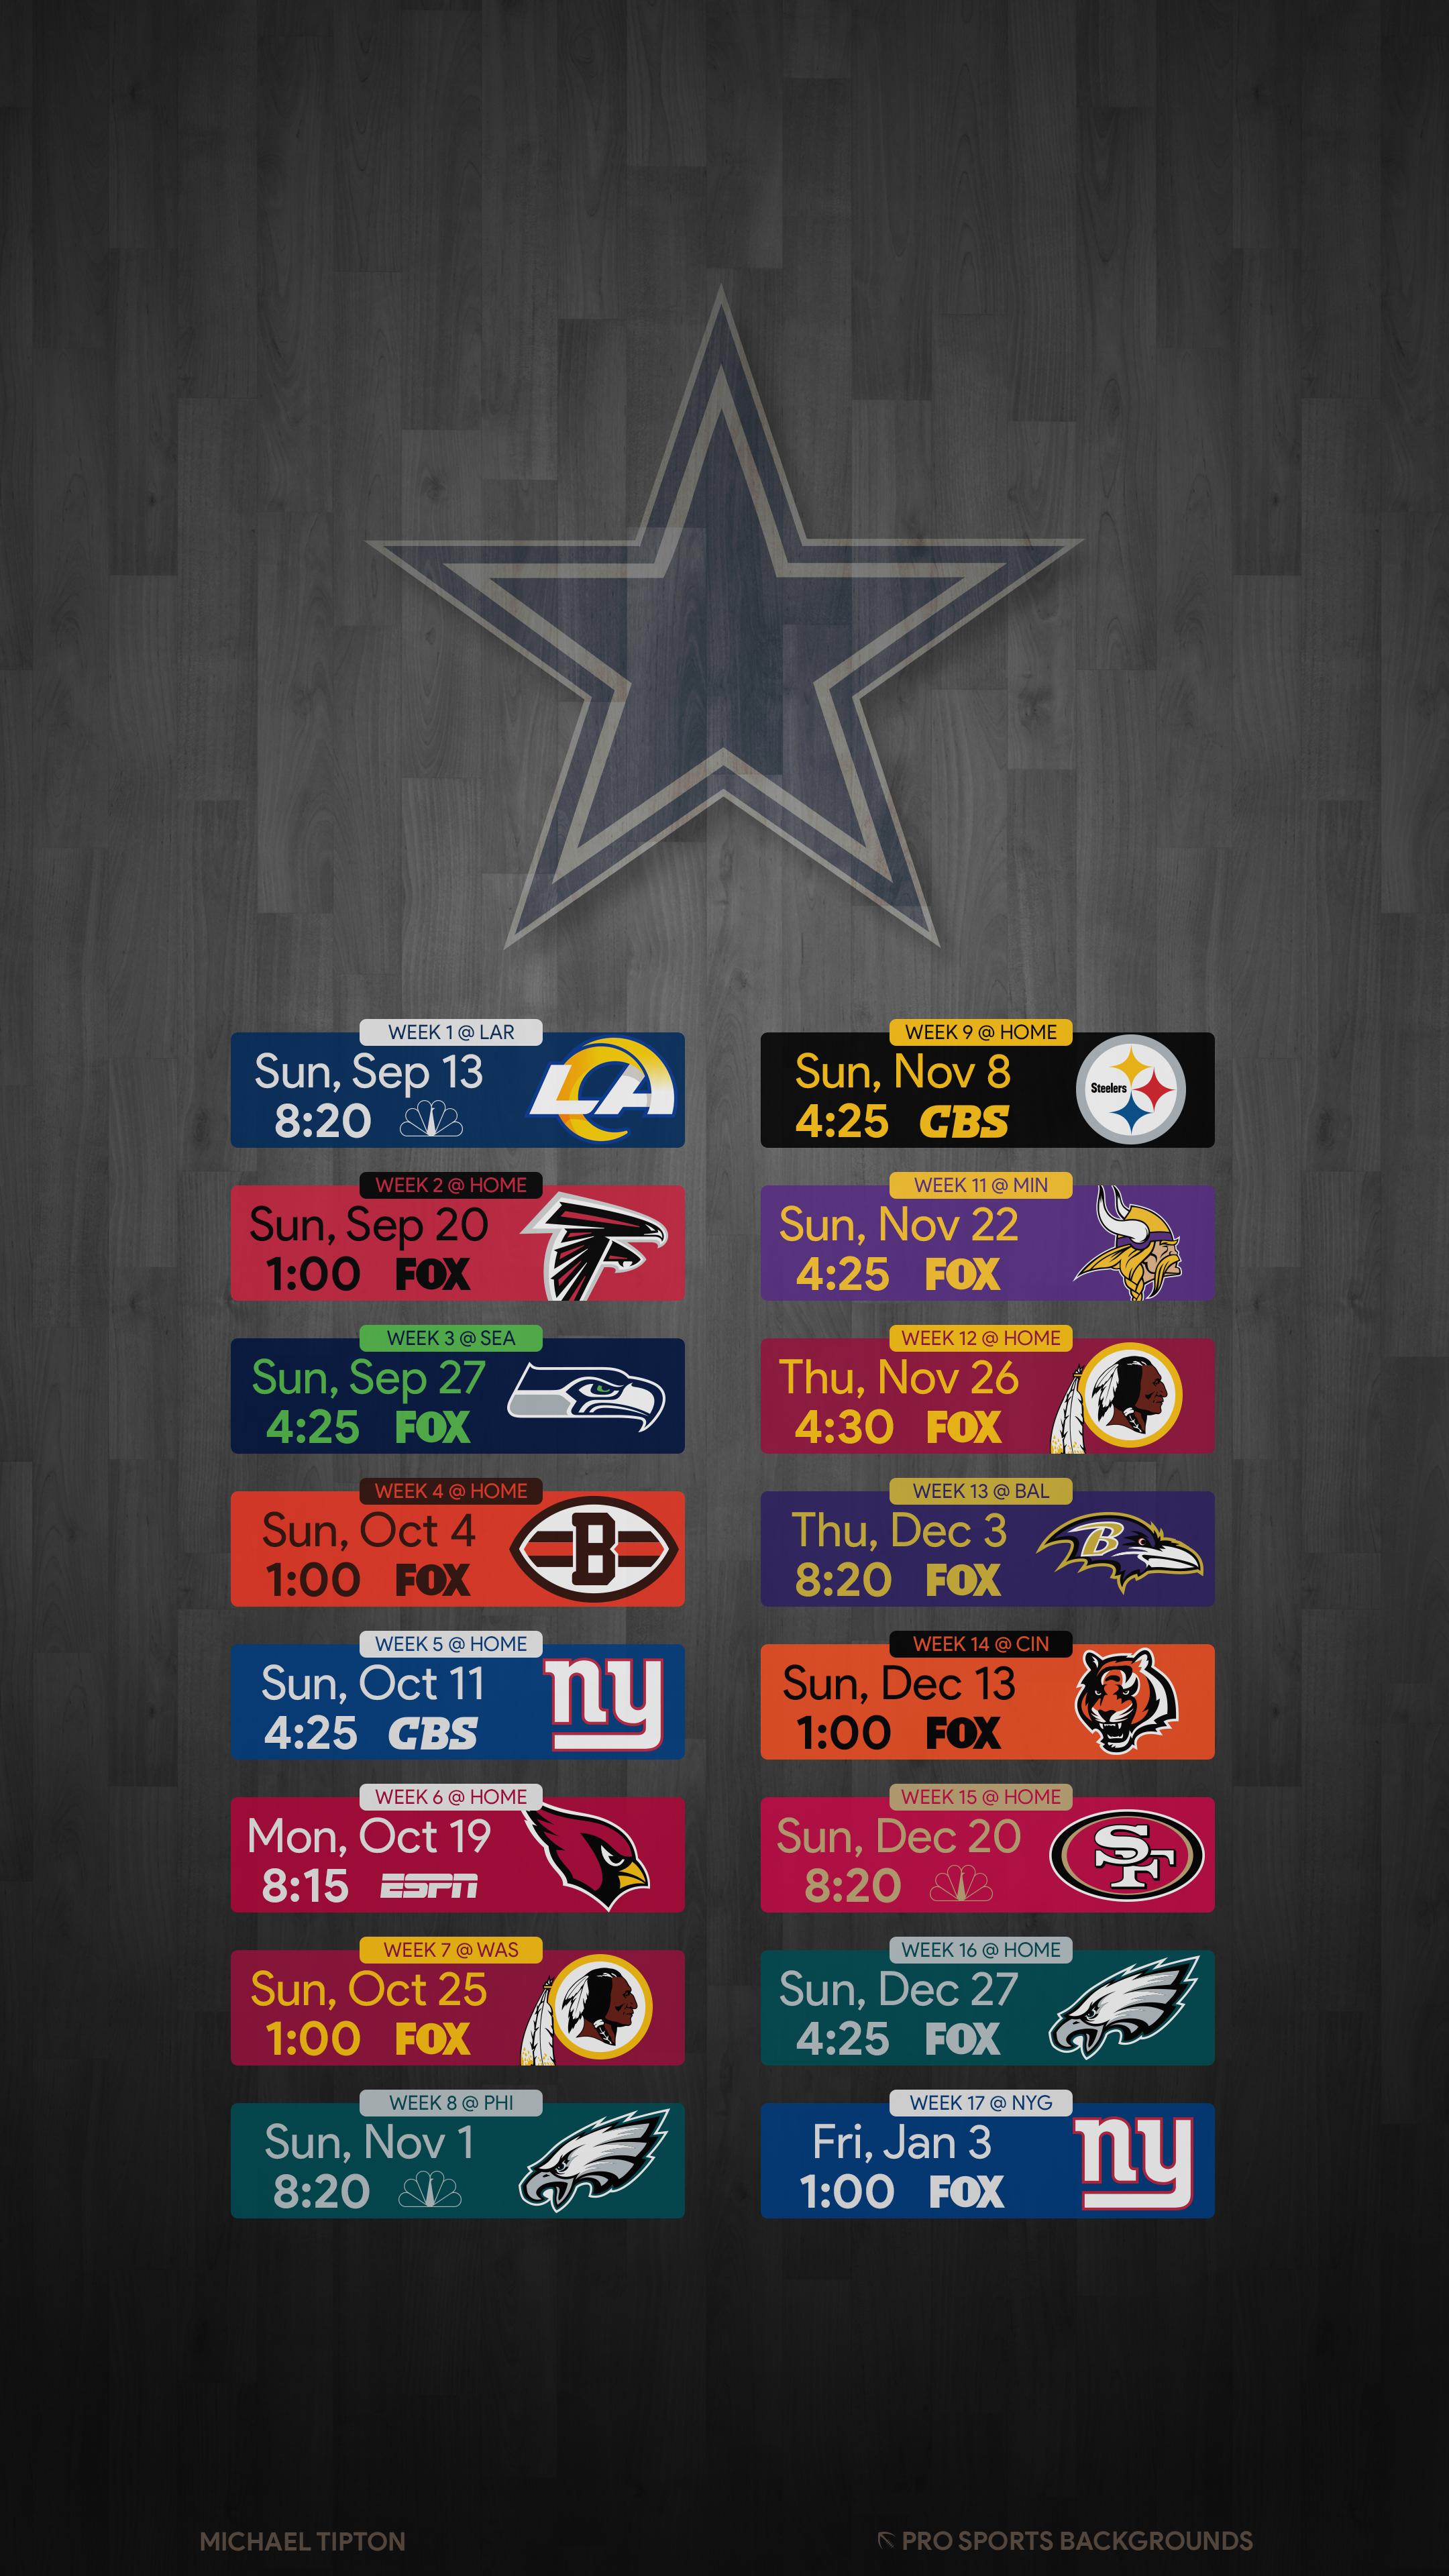 Pin By Tany Nieto On Da Boyz In 2020 Dallas Cowboys Wallpaper Dallas Cowboys Dallas Cowboys Schedule